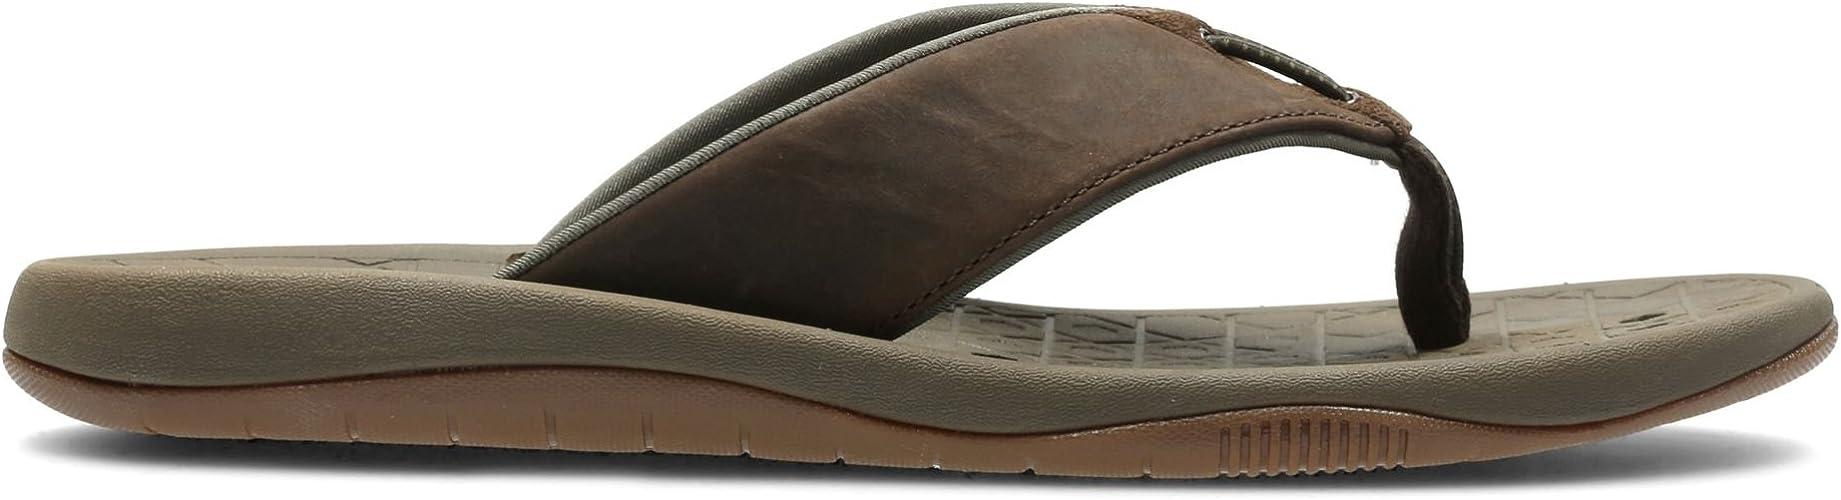 cera Paisaje Ilegible  Clarks Mens Toe Post Sandalias de verano Bosun Coast, color Marrón, talla  42.5 EU: Amazon.es: Zapatos y complementos